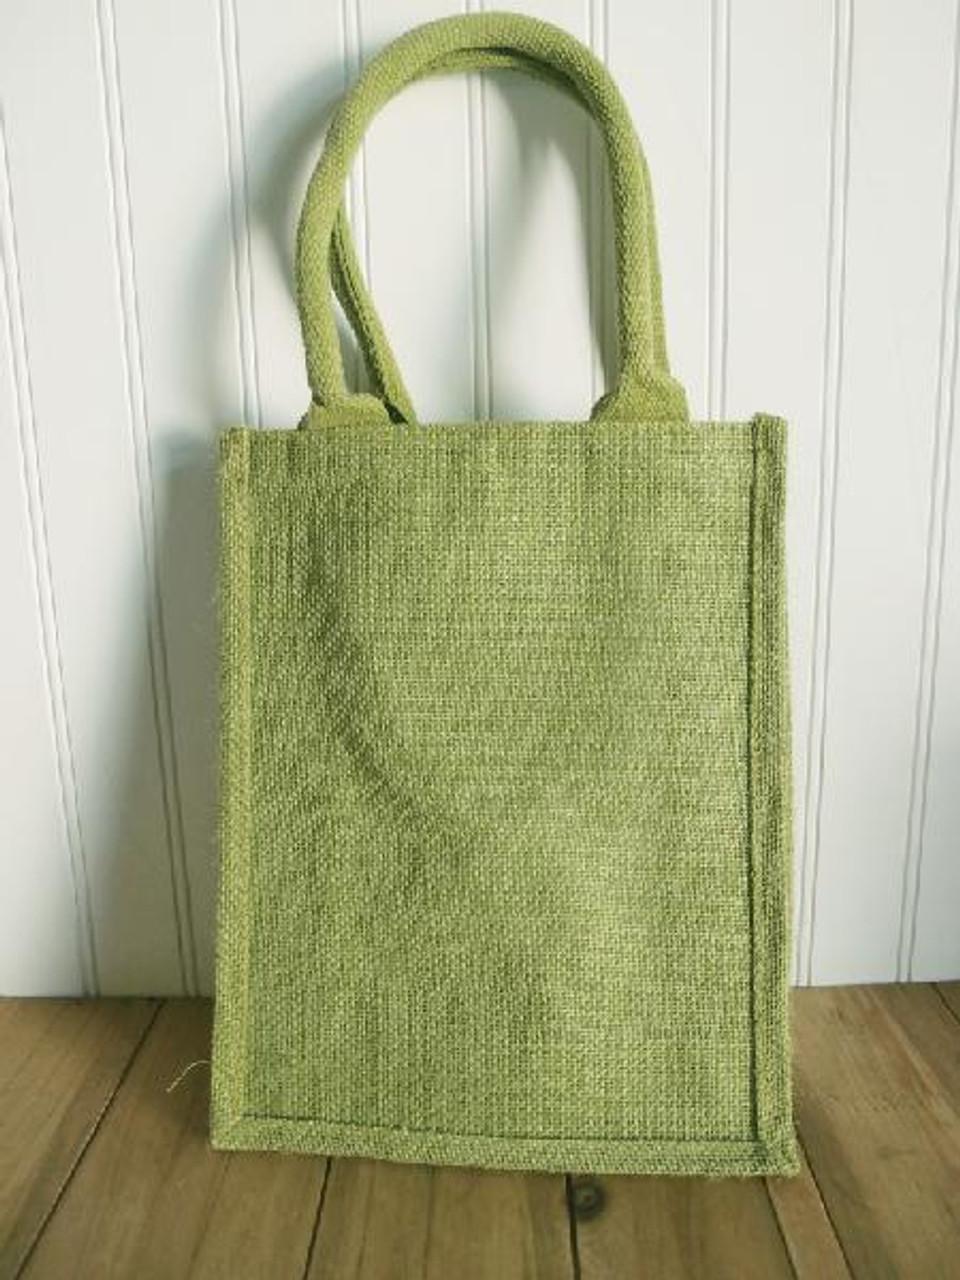 Moss Green Jute Shopping Tote Bag